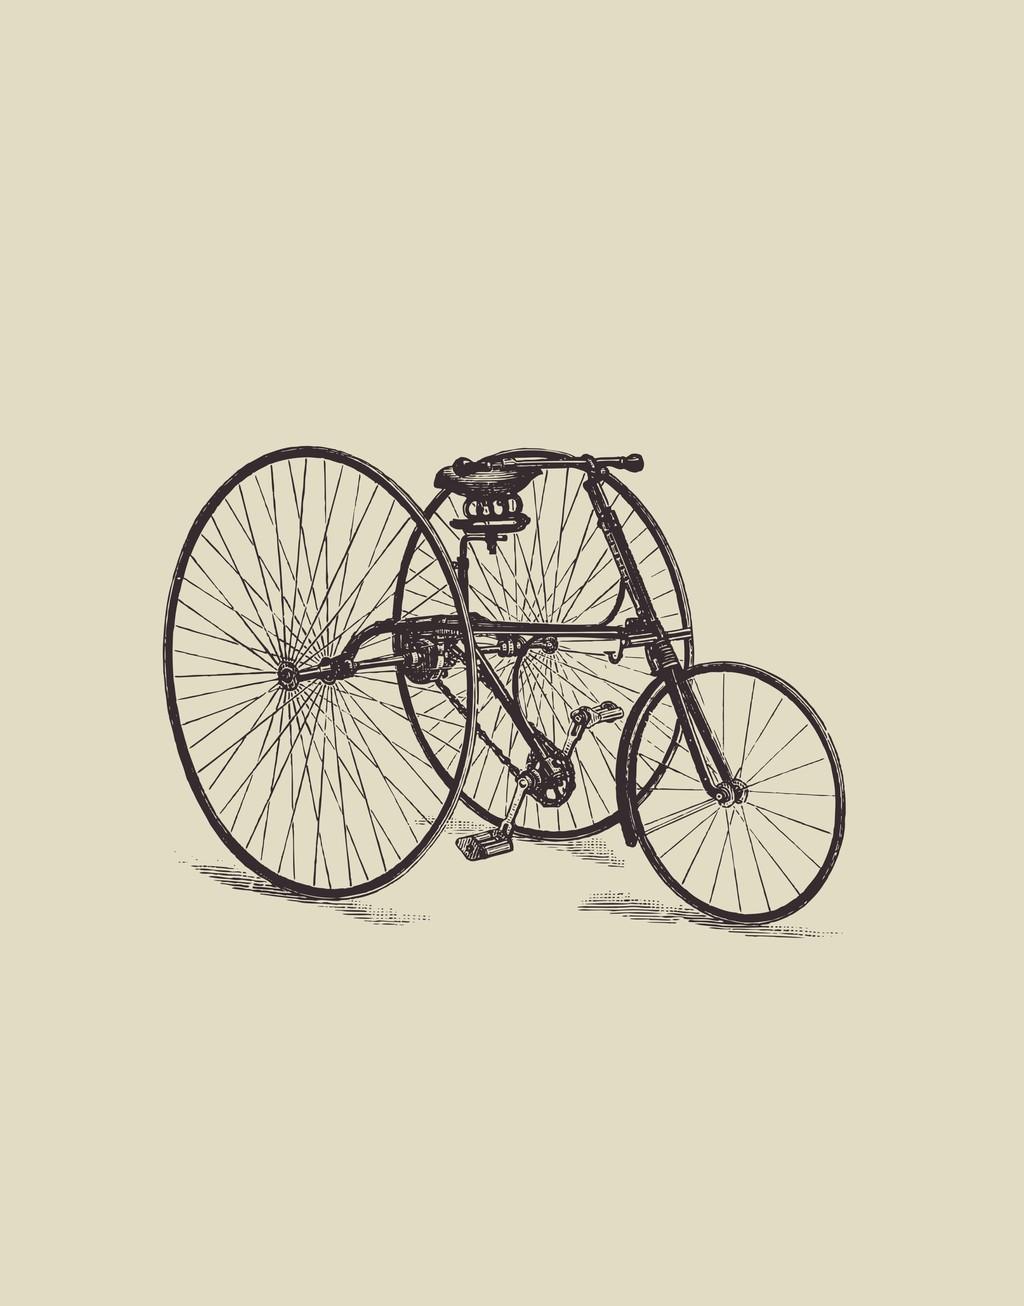 自行车轮胎手绘自行车图案素材